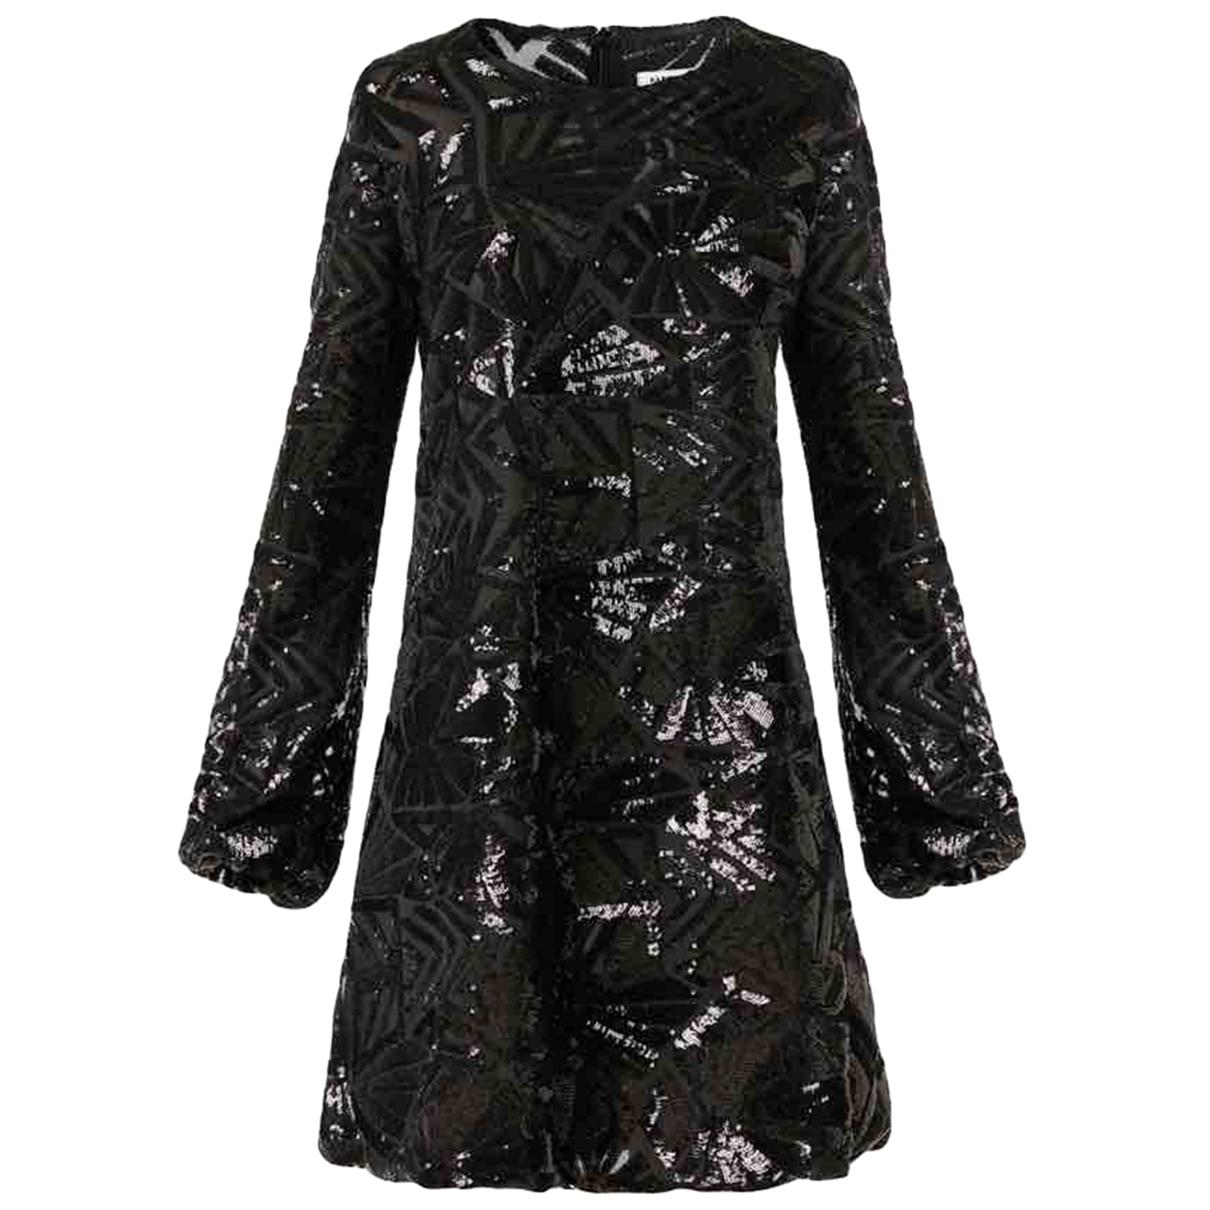 Parosh \N Kleid in  Schwarz Mit Pailletten